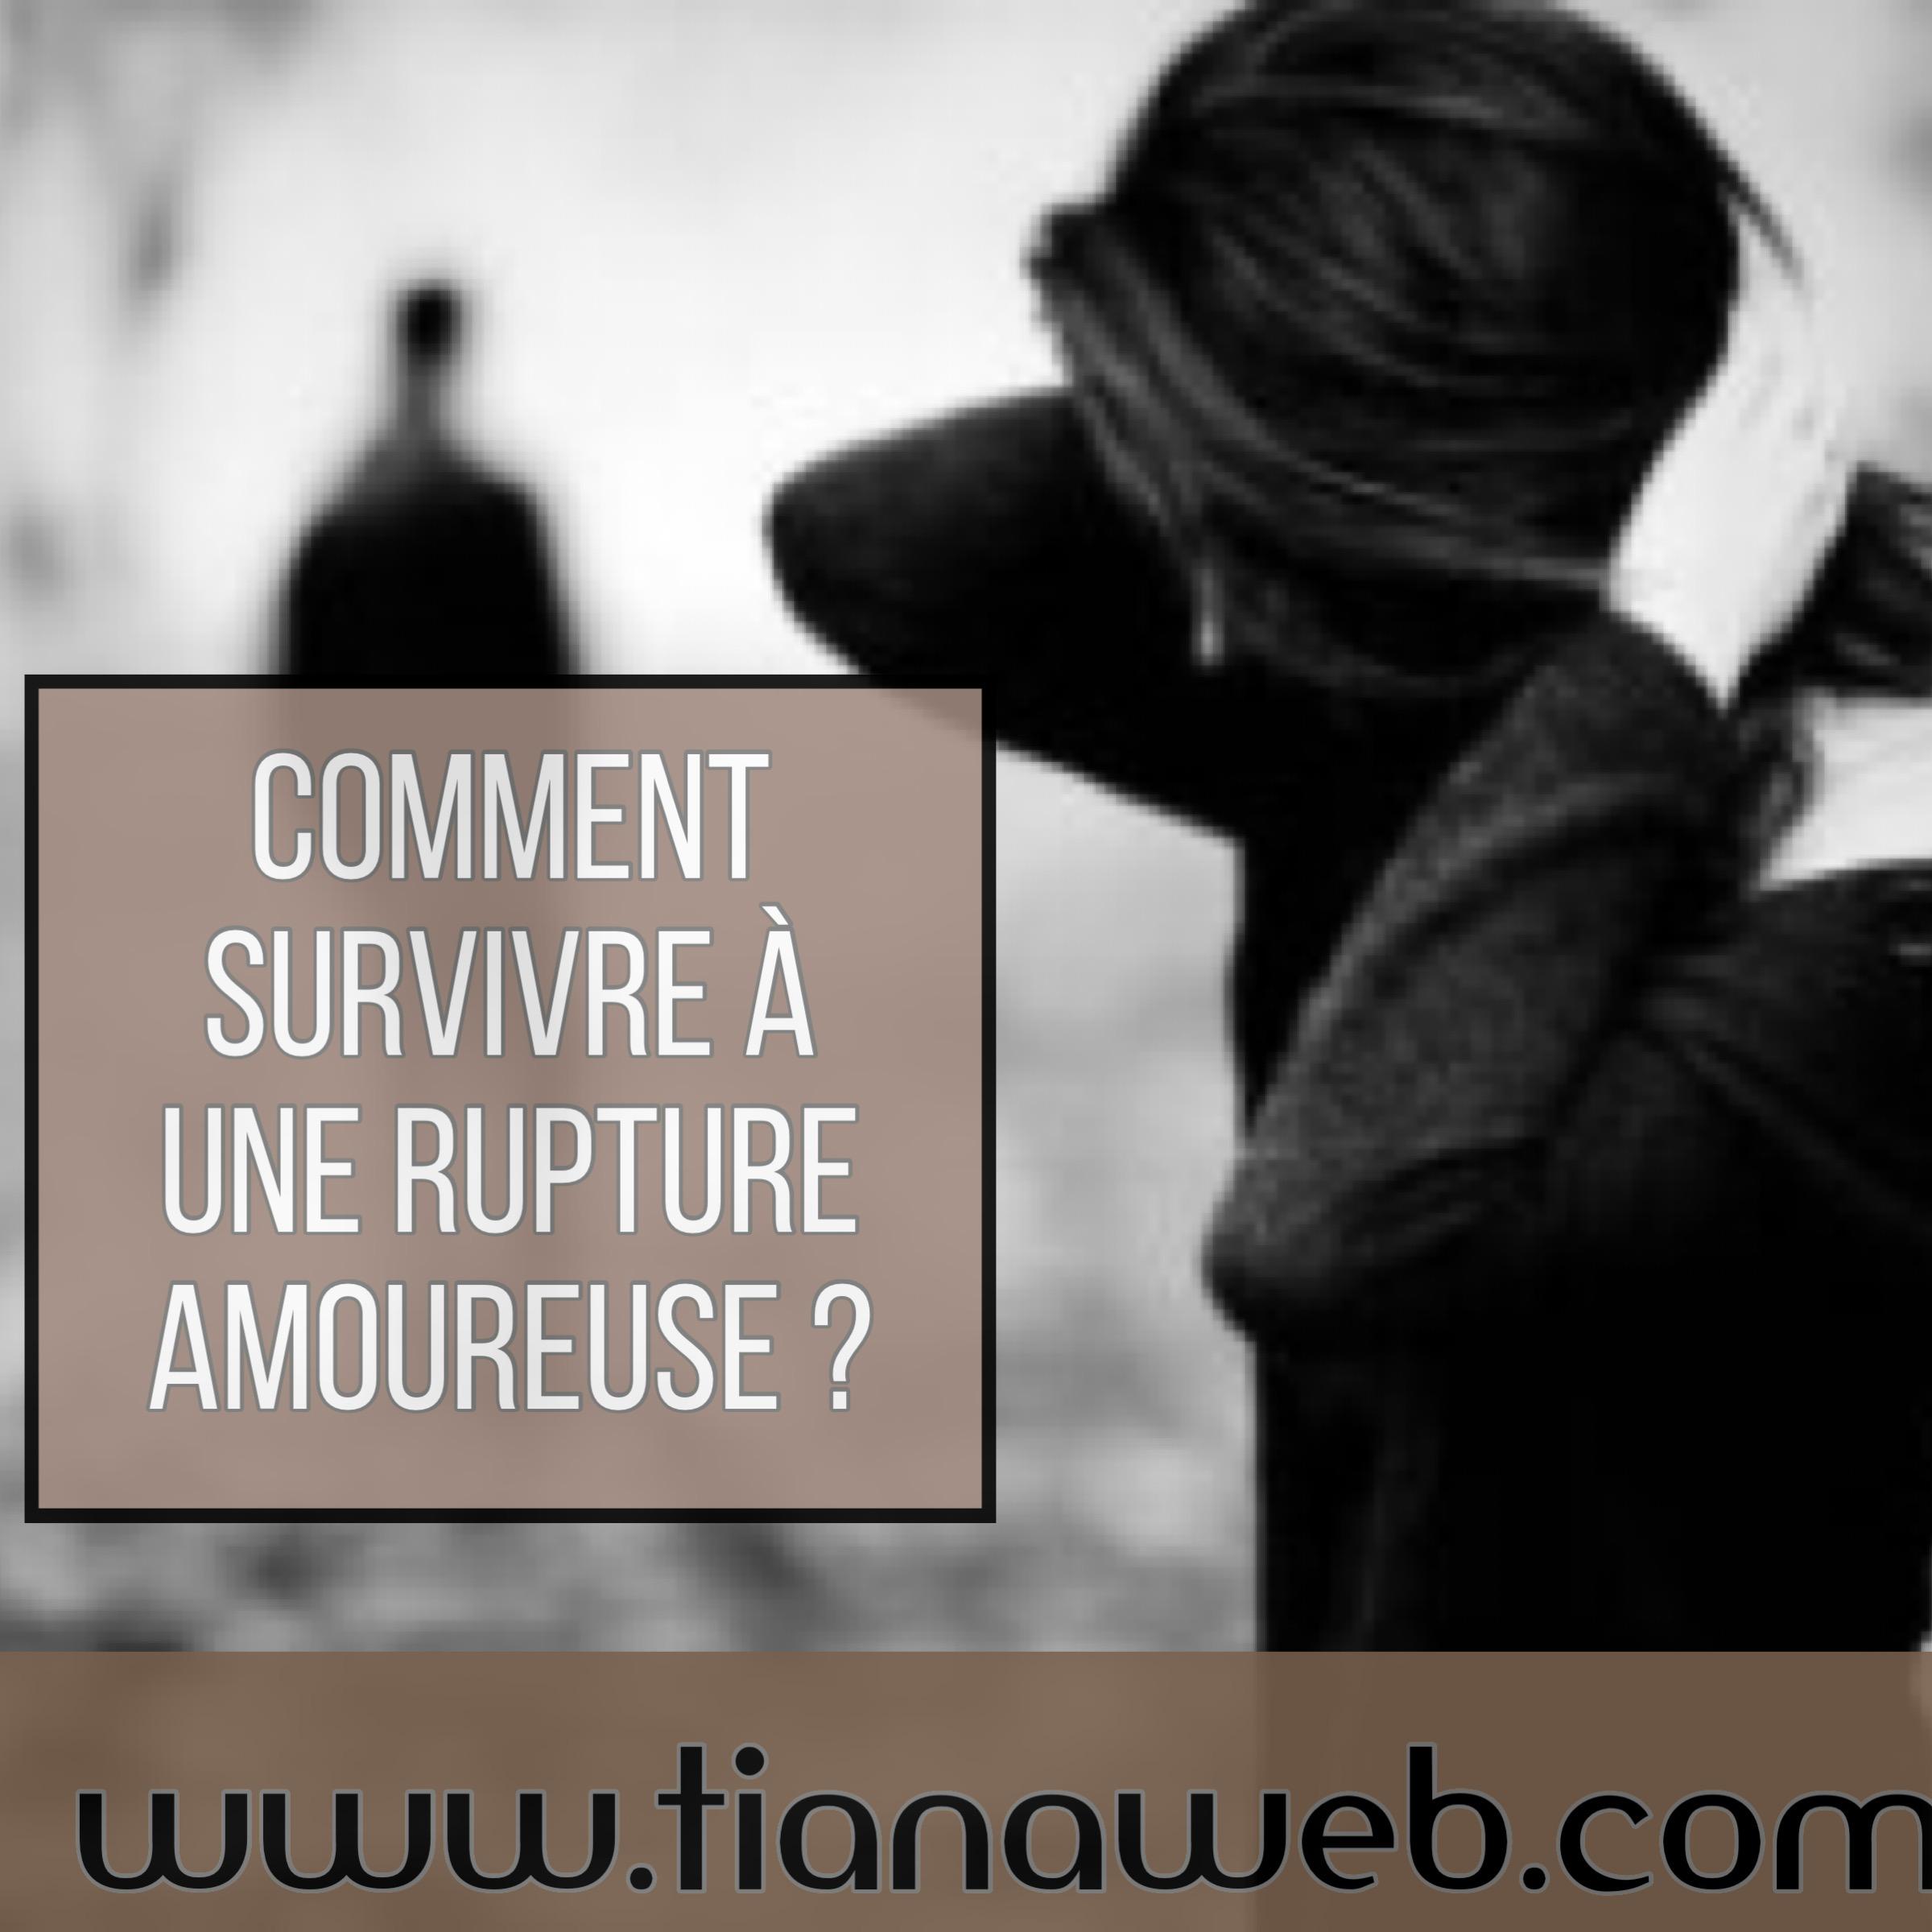 commennt_survivre_a_une_rupture_amoureuse_tianaweb